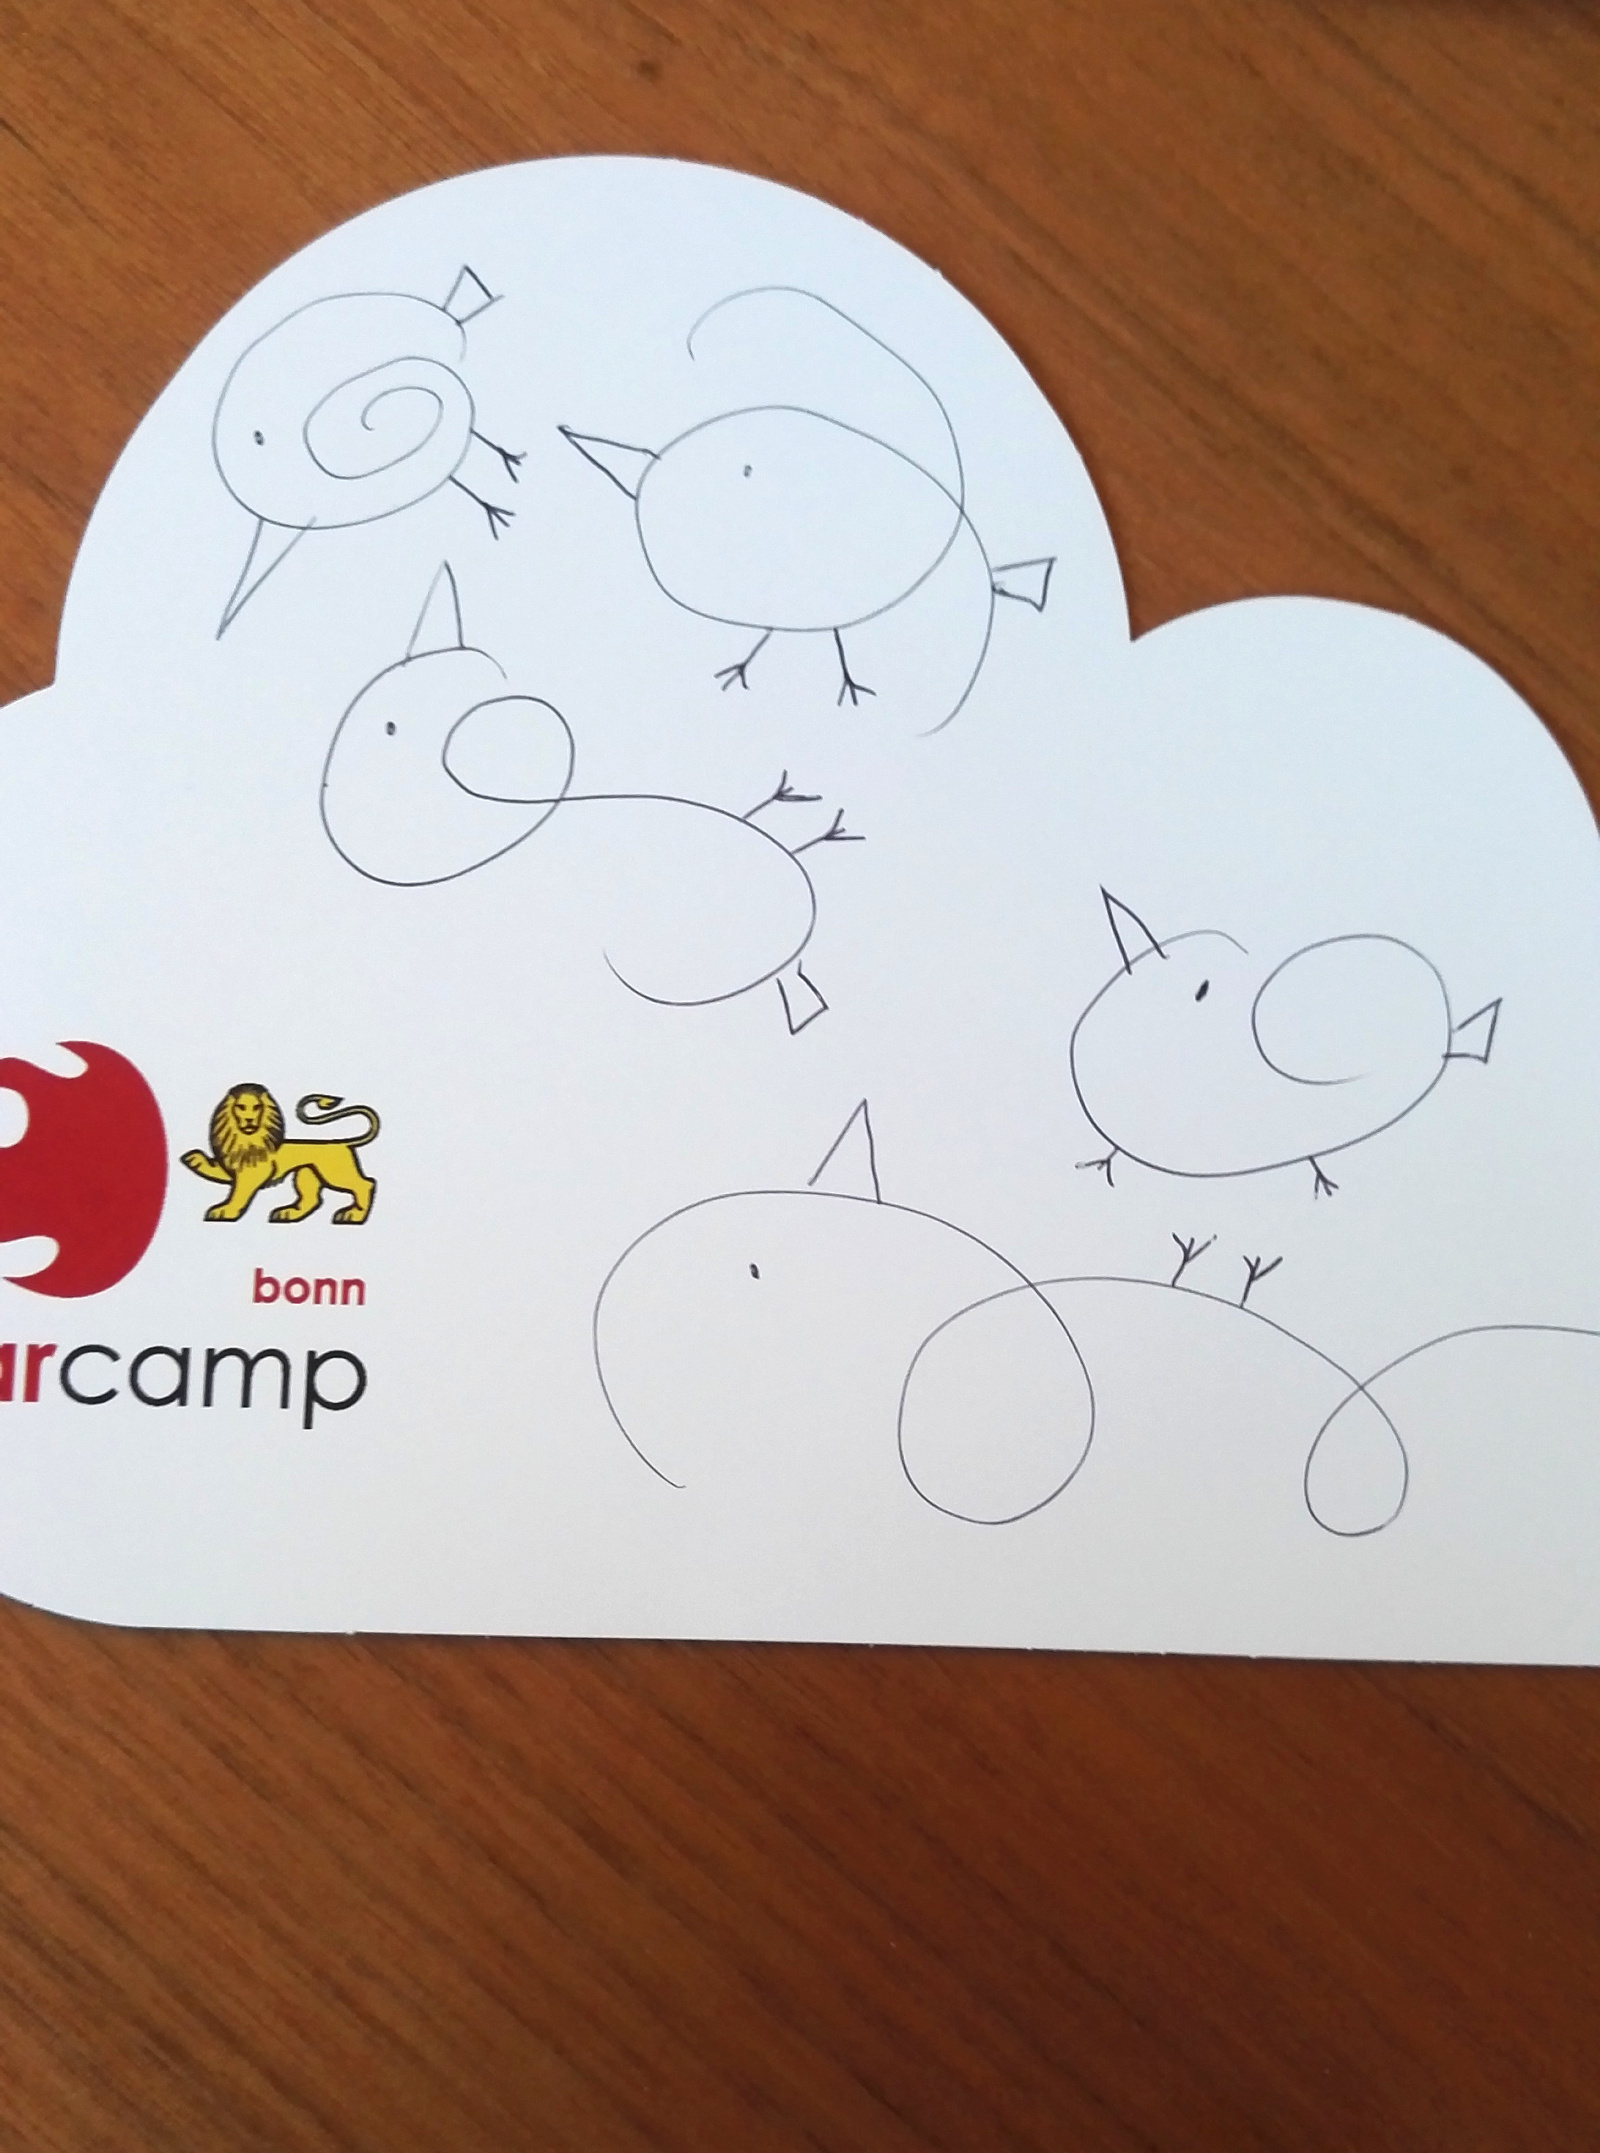 7 Dinge, die ich von dem Bonner Barcamp 2016 mitgenommen habe